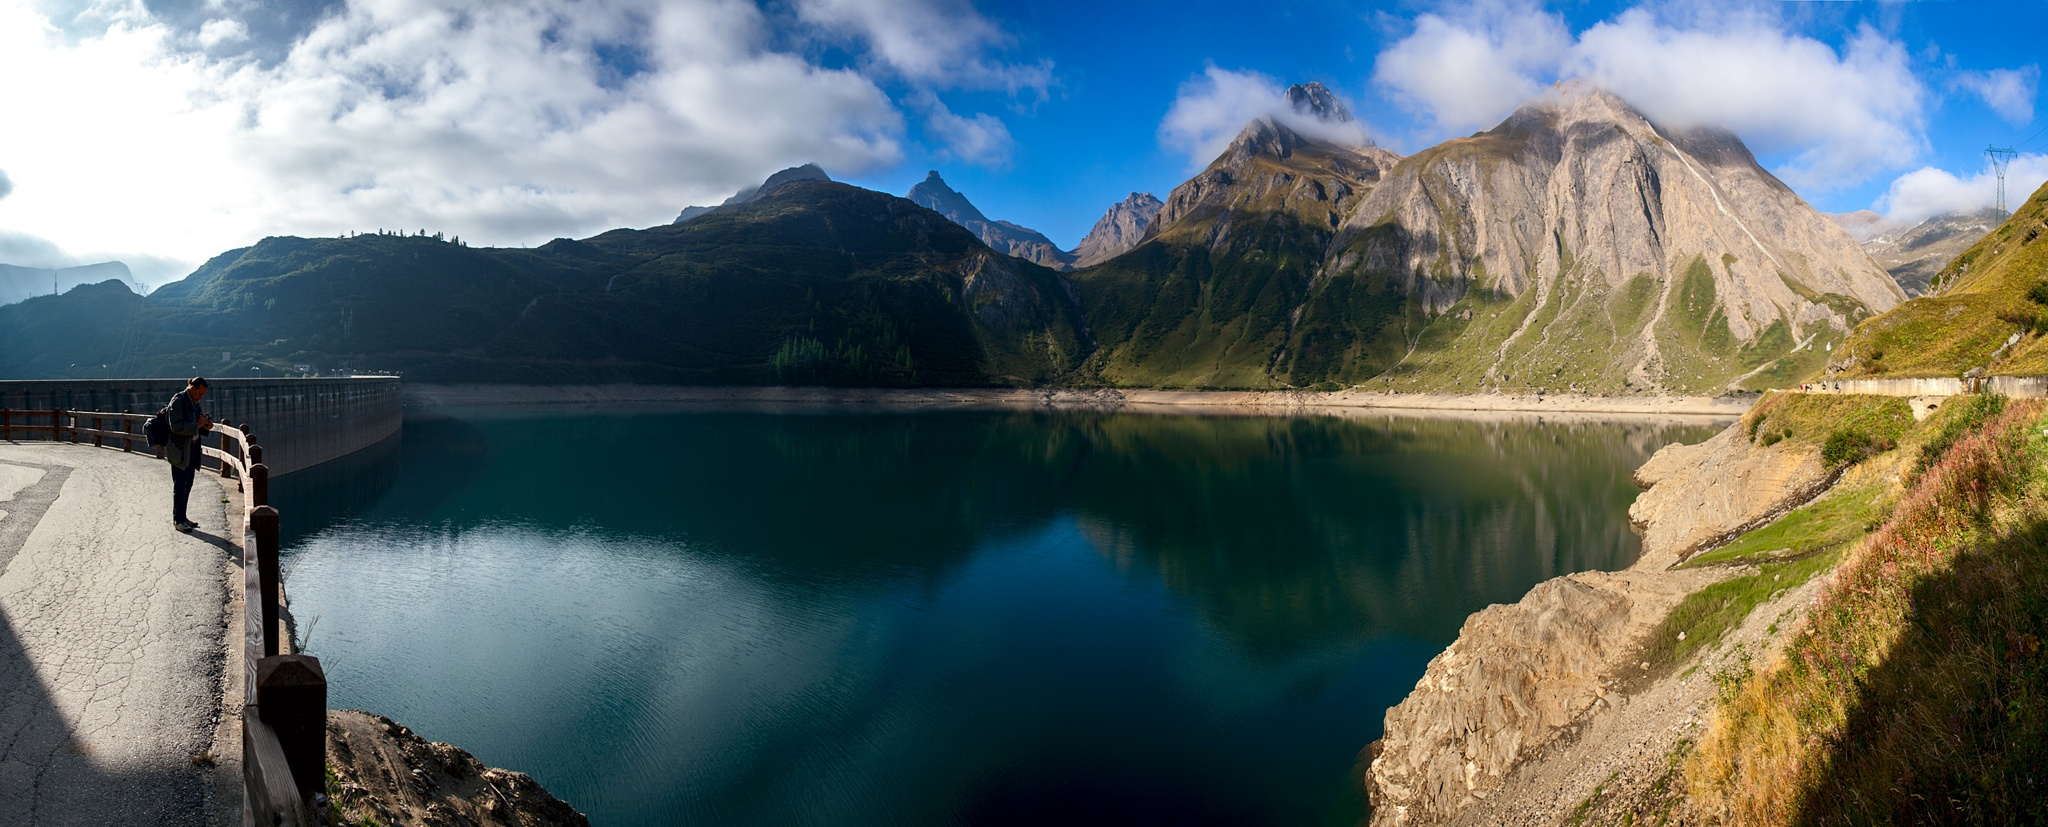 Lago Morasco by Nemooo